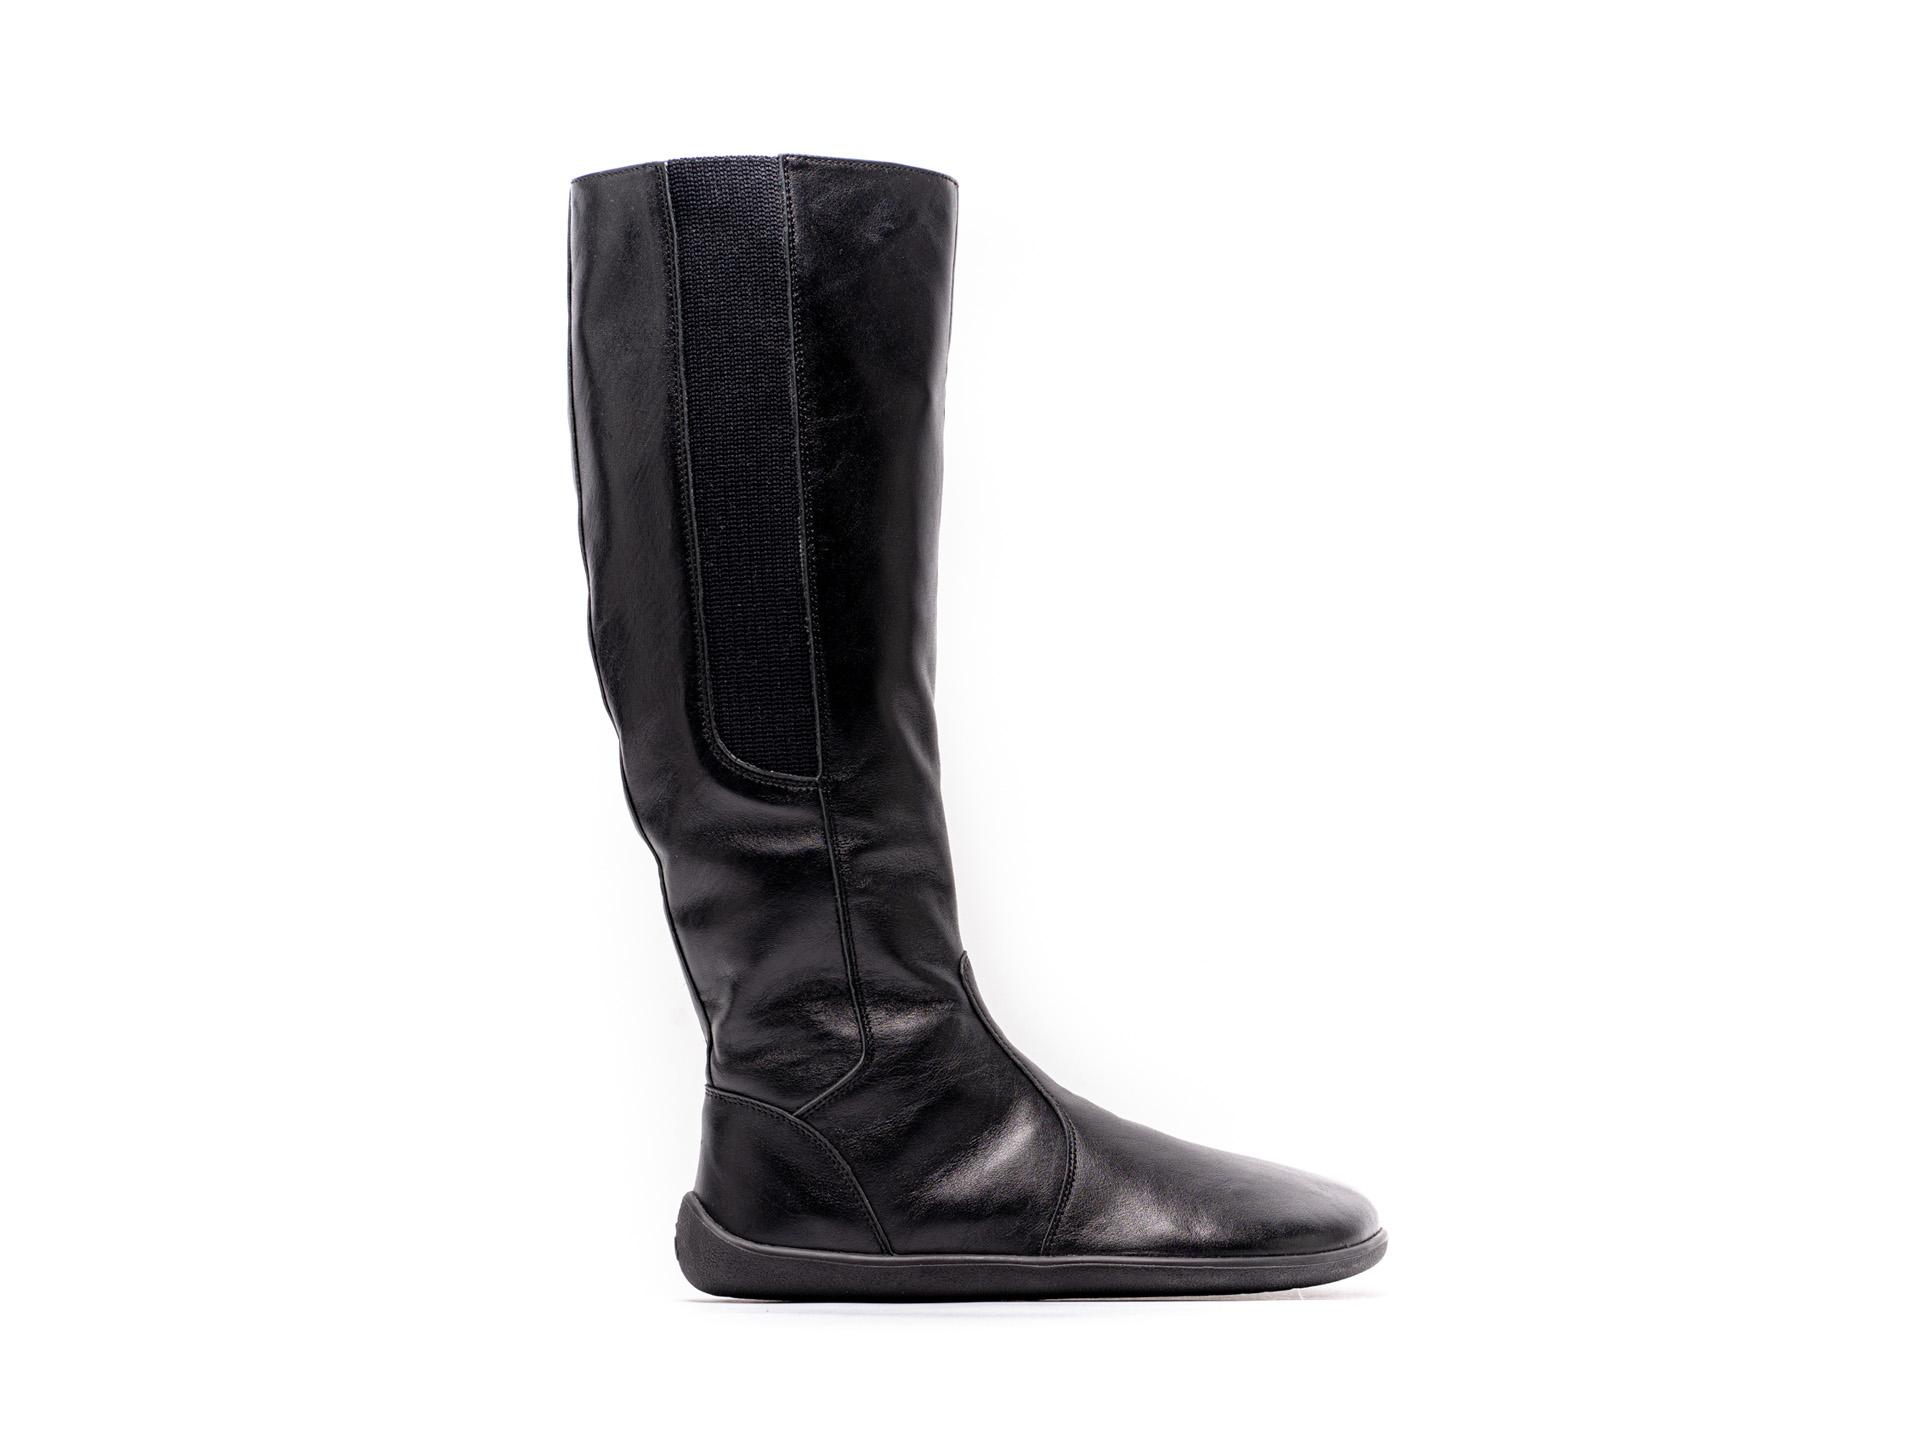 Barefoot long boots – Be Lenka Sierra - Black 40